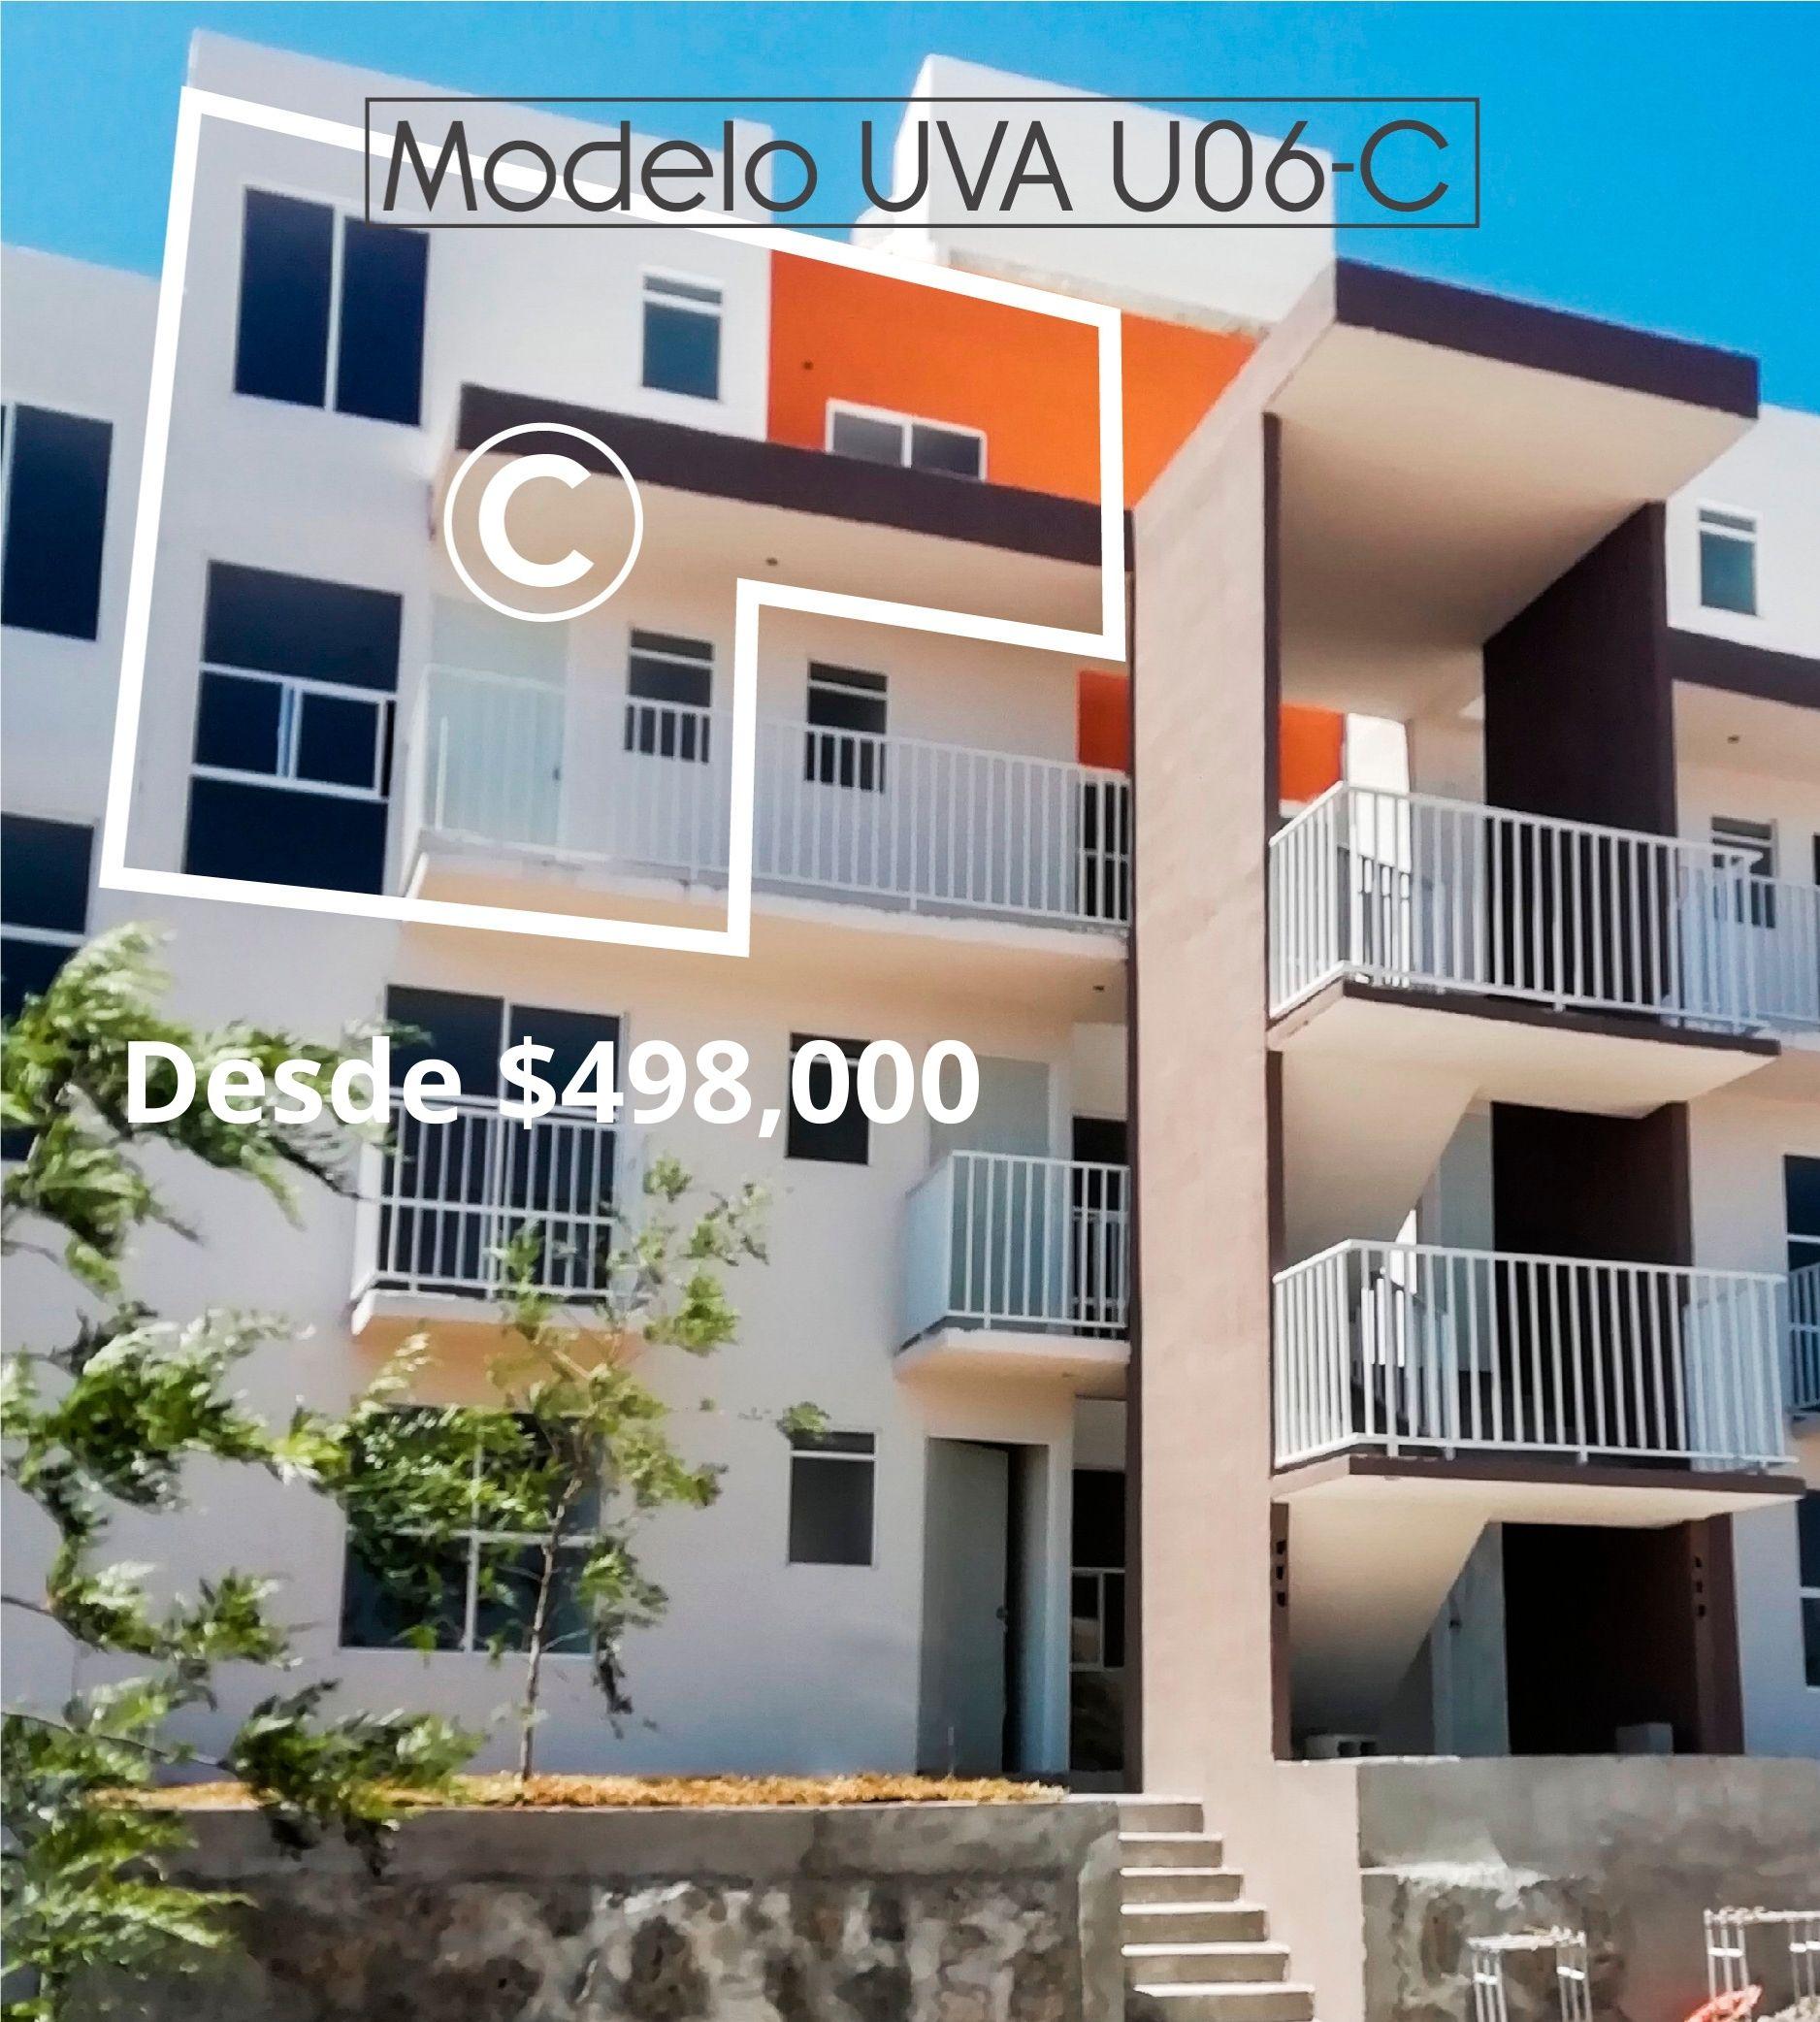 MODELO UVA U06 (3)